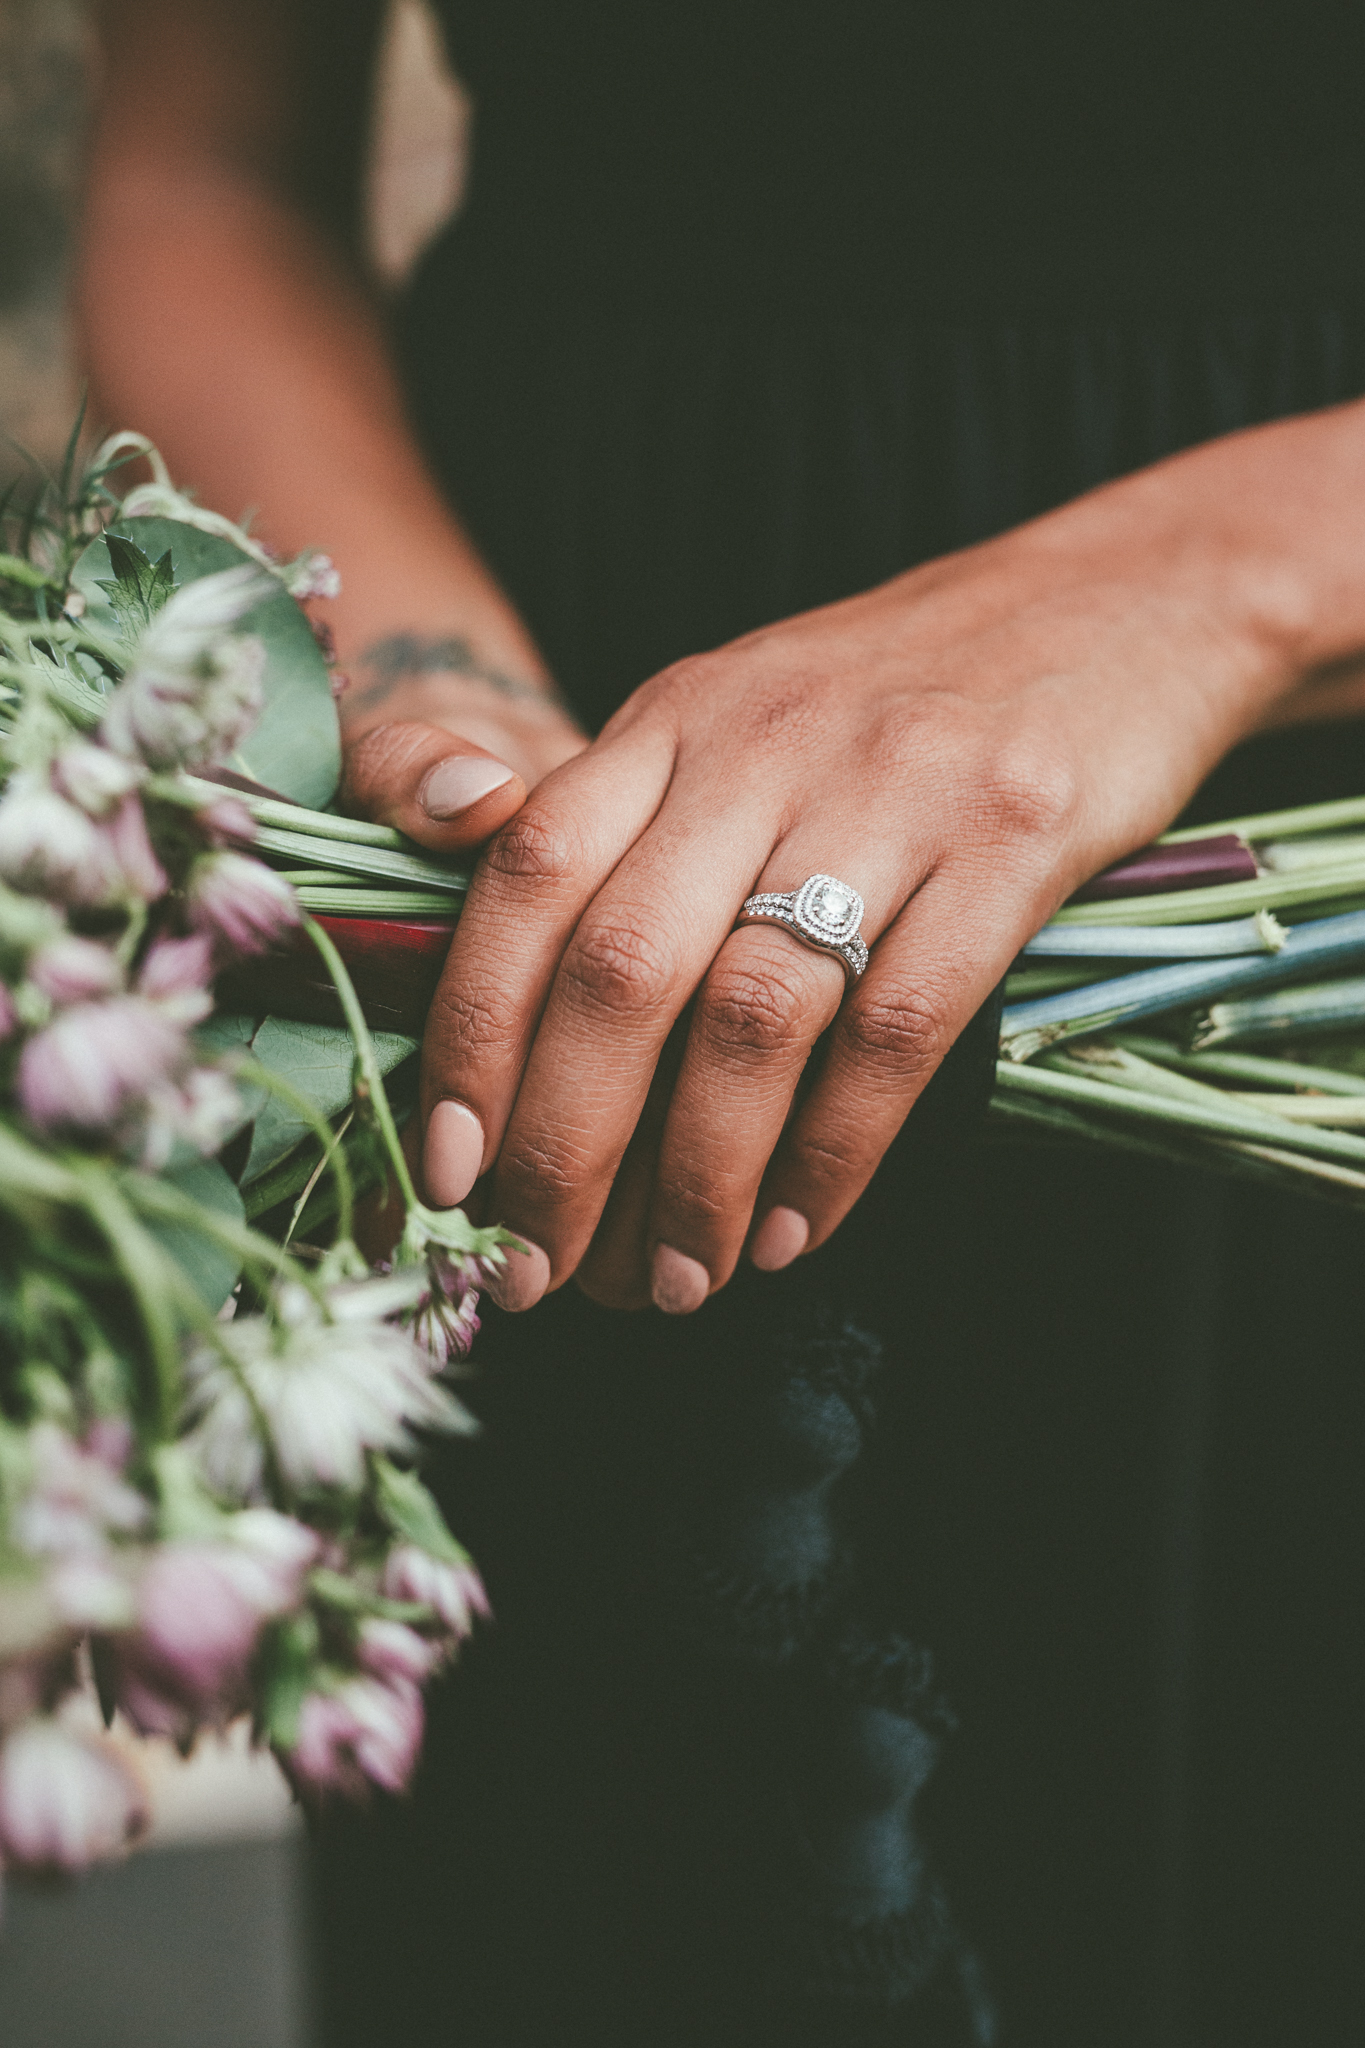 Austin Wedding Bouquet, Austin Wedding Florals, Wedding Floral Inspiration, Bricolage Curated Florals, Texas Wedding Photographer, Austin Wedding Photography, Austin Wedding Photographer